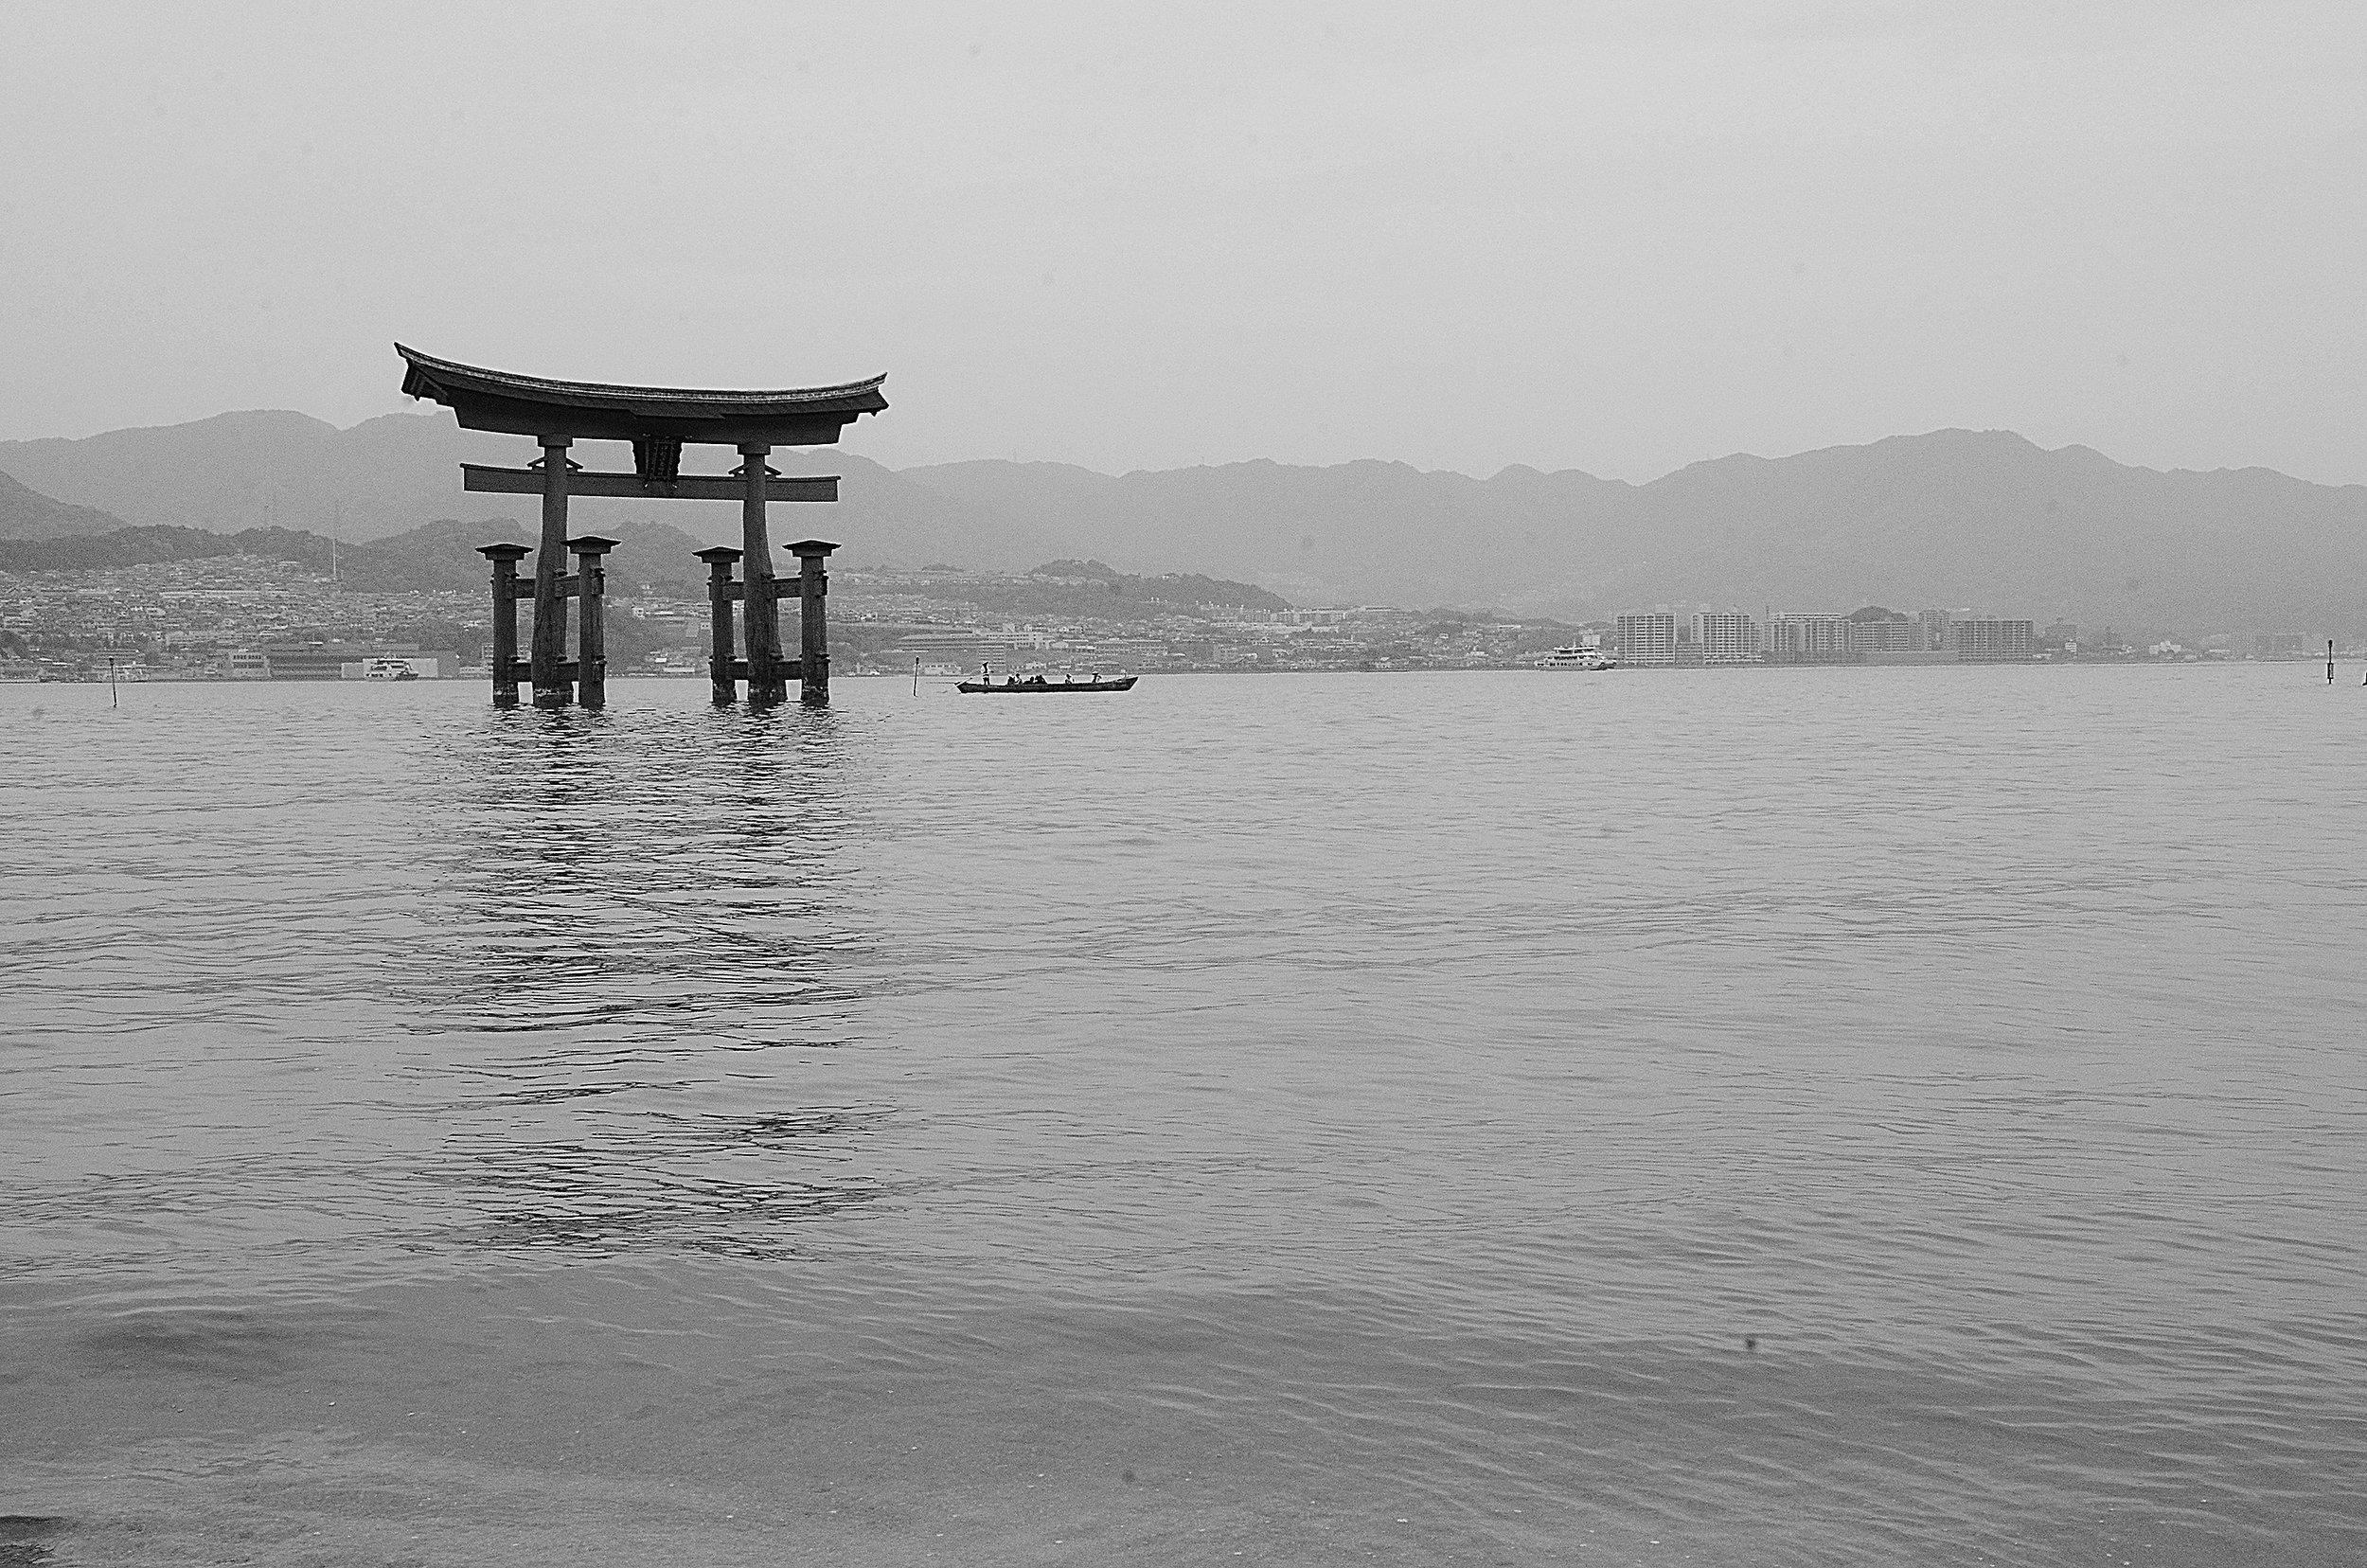 Kyoto - Por Vir Ucar